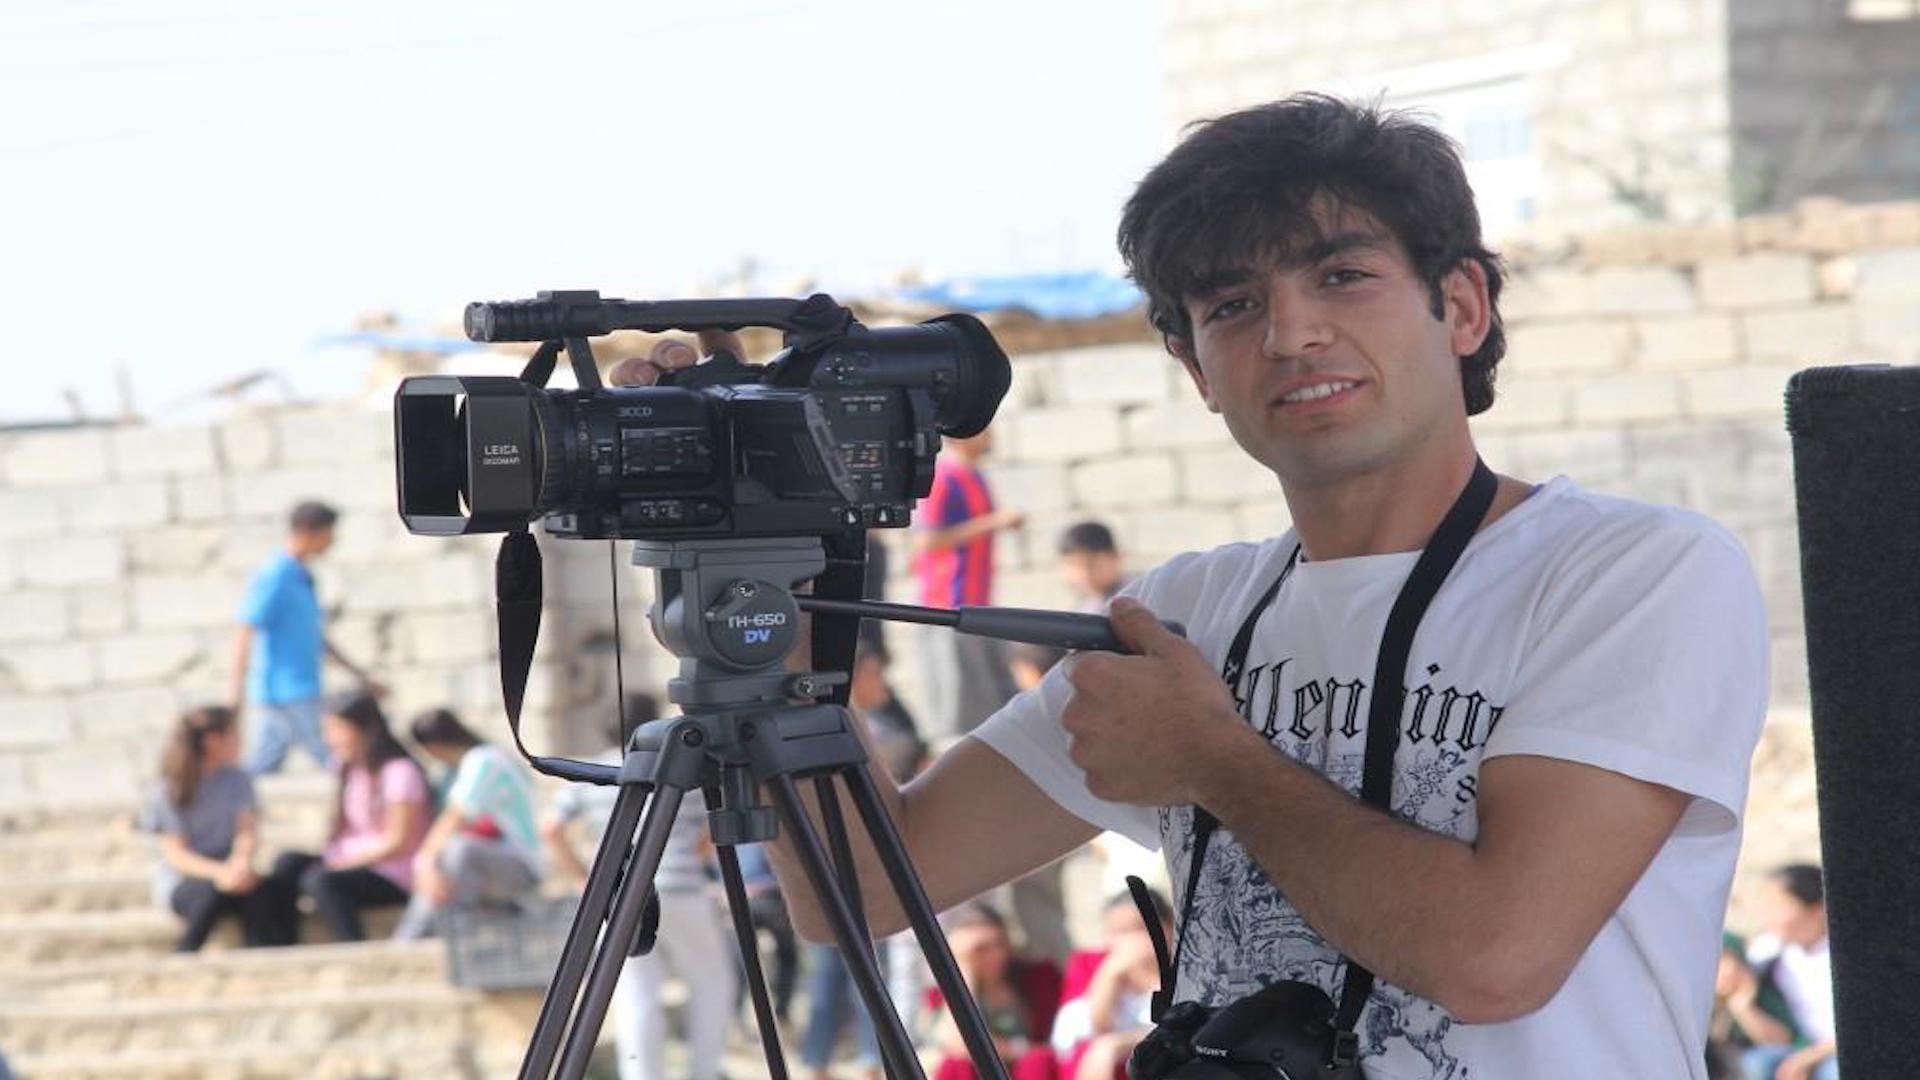 Photo of Ş. Rizgar Denîz di salvegera 2. a şehadeta xwe de hat bibîranîn